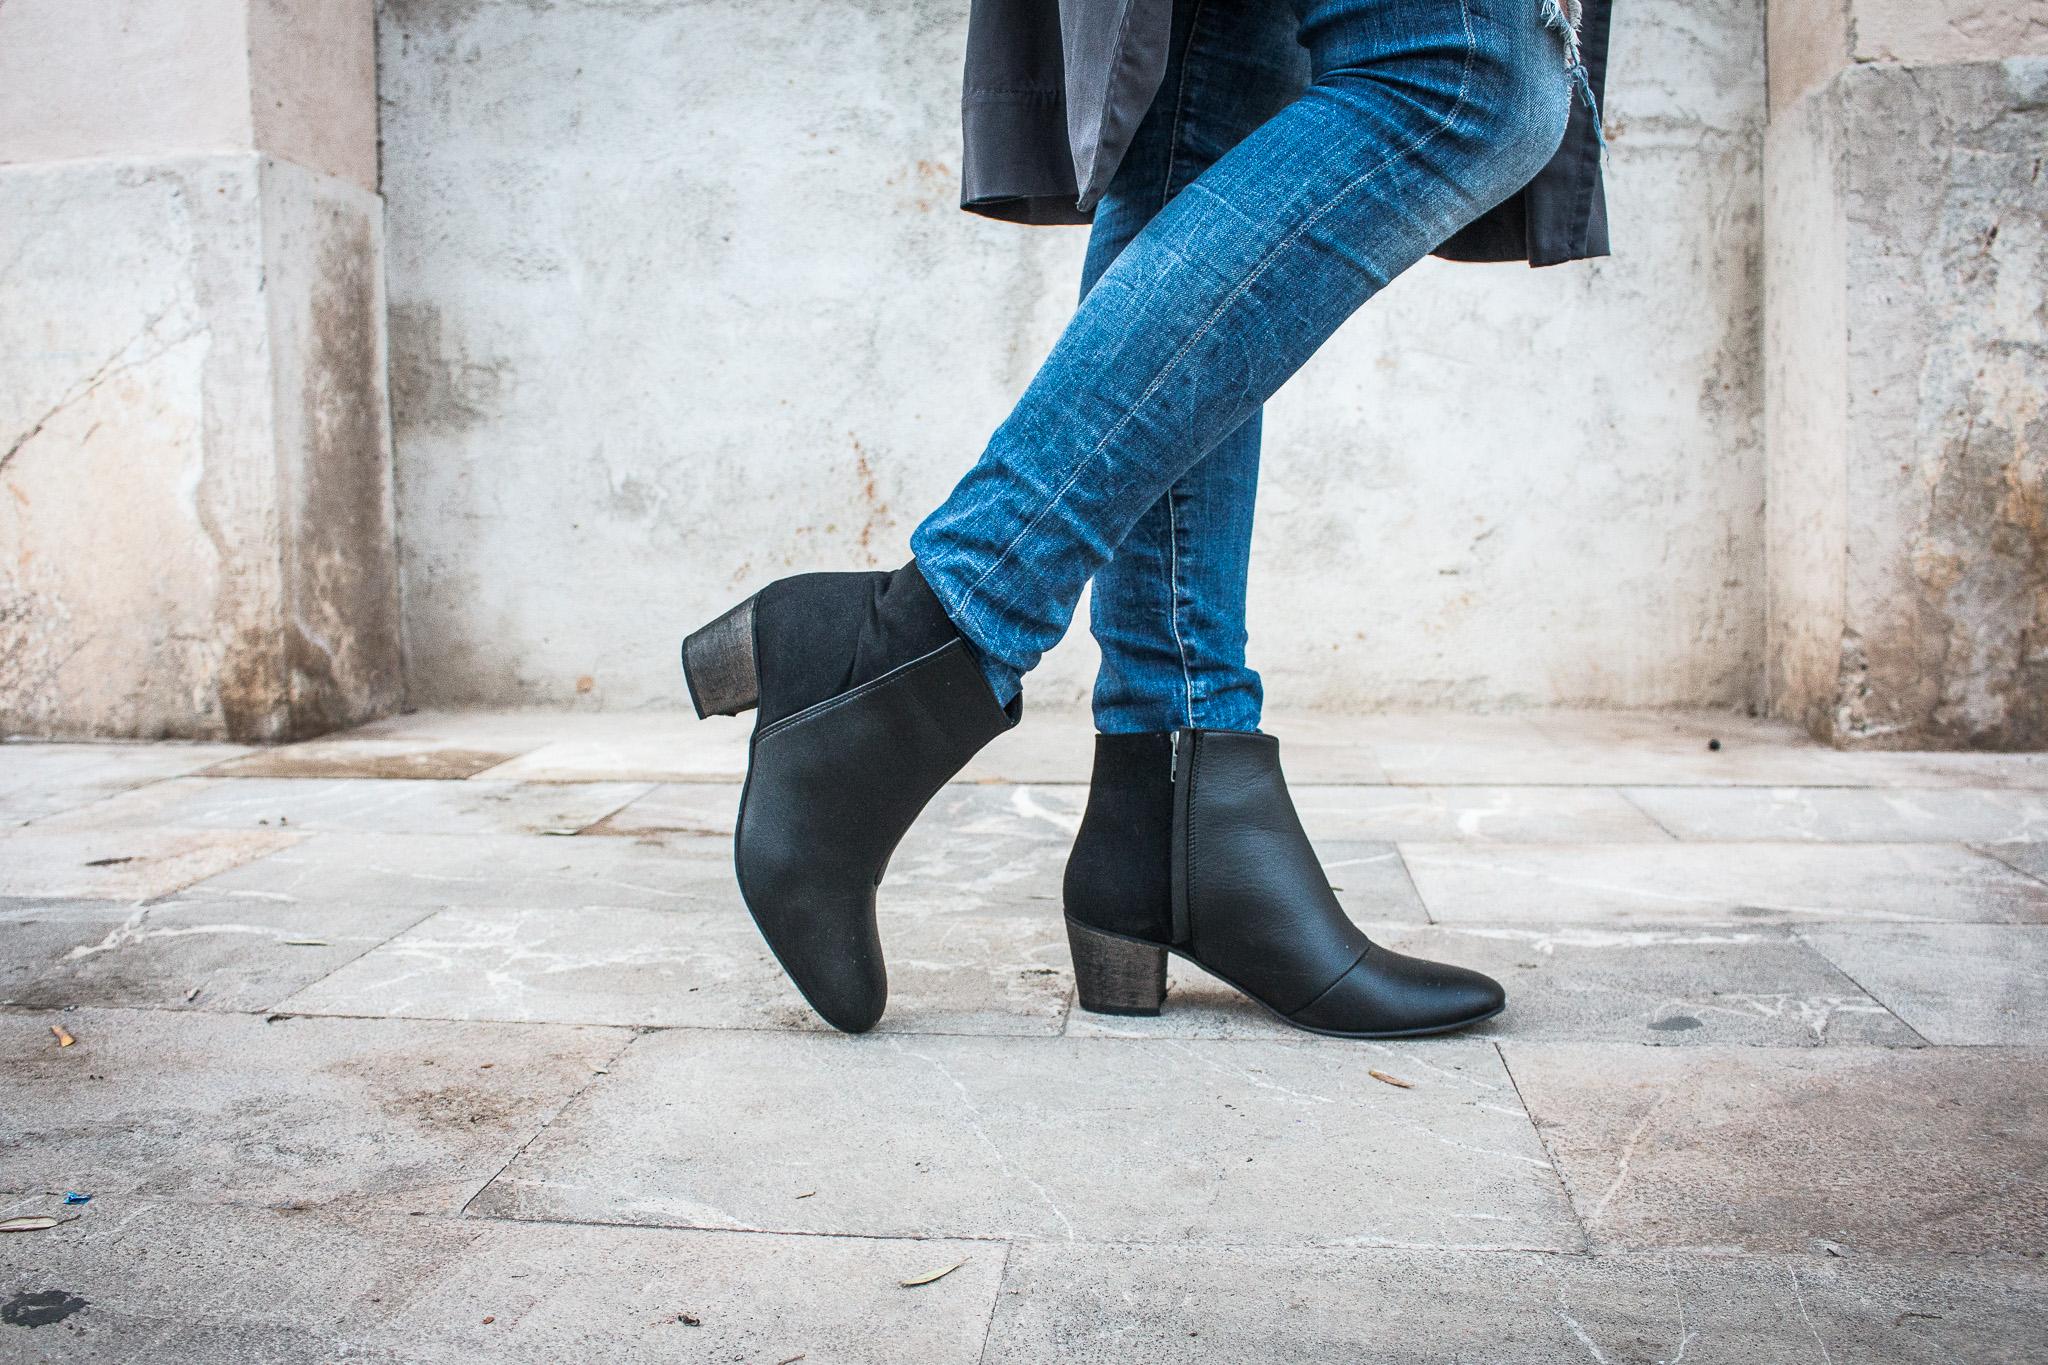 Veganska accessoarer – Skor och ryggsäck